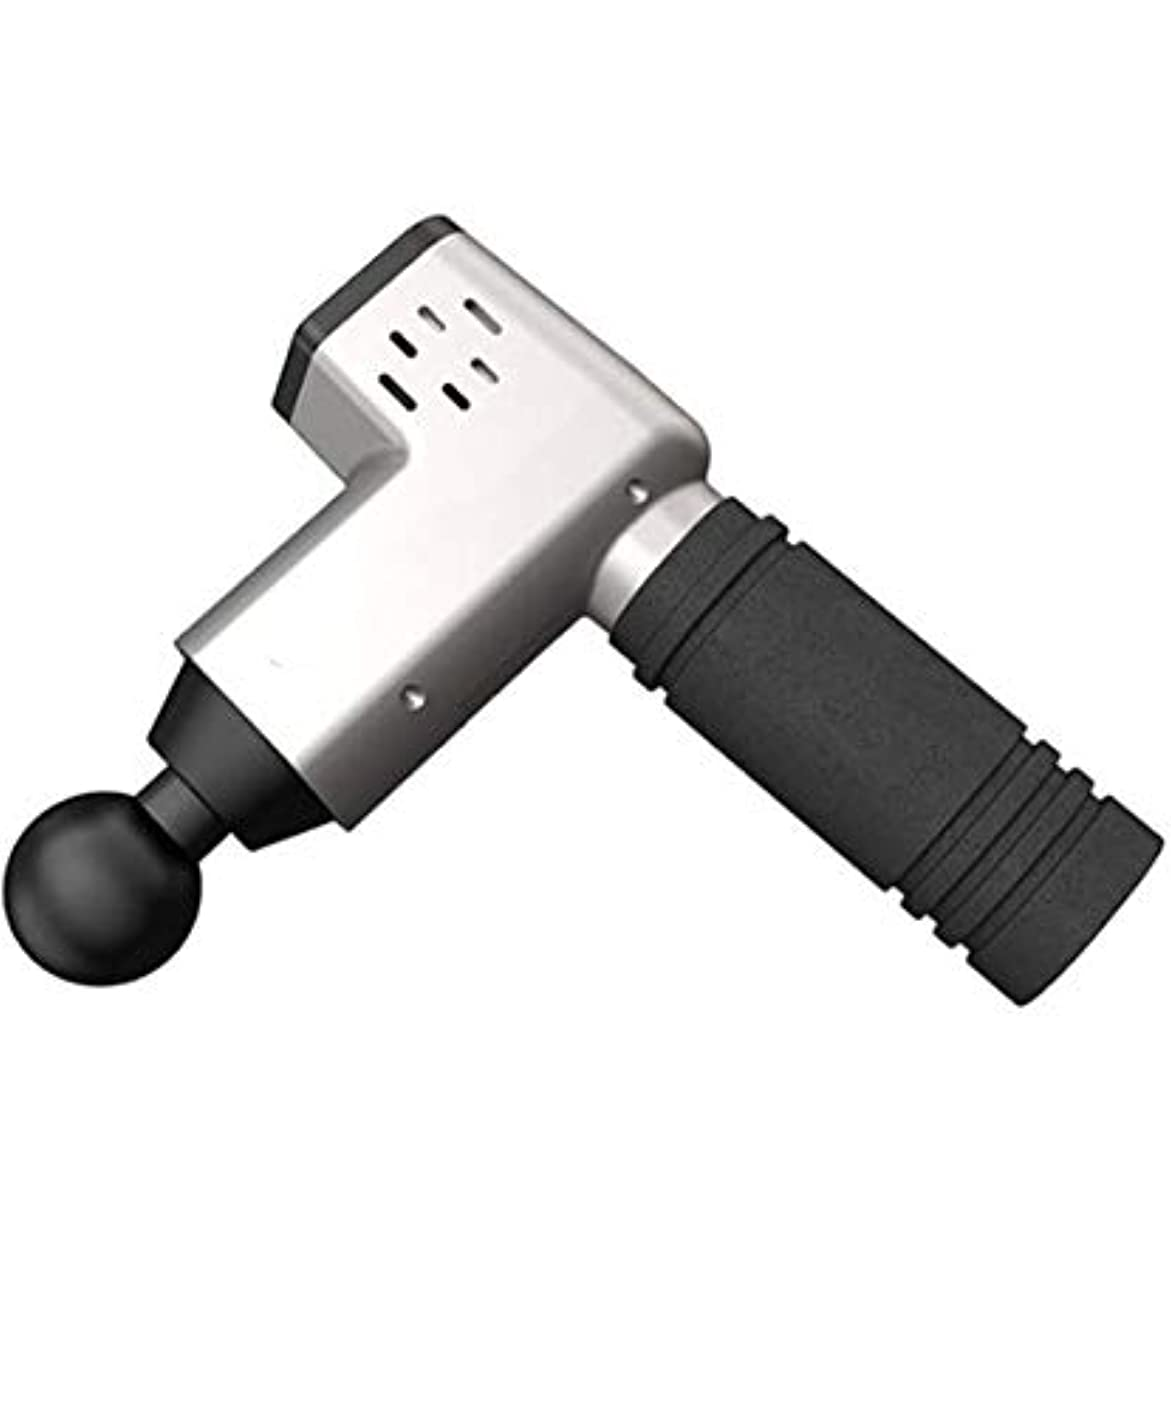 もつれ噛む電気的ボディリラクゼーションの痛みを軽減するマッサージ用ブースターセラピー筋マッサージガンの高周波数振動マッサージ